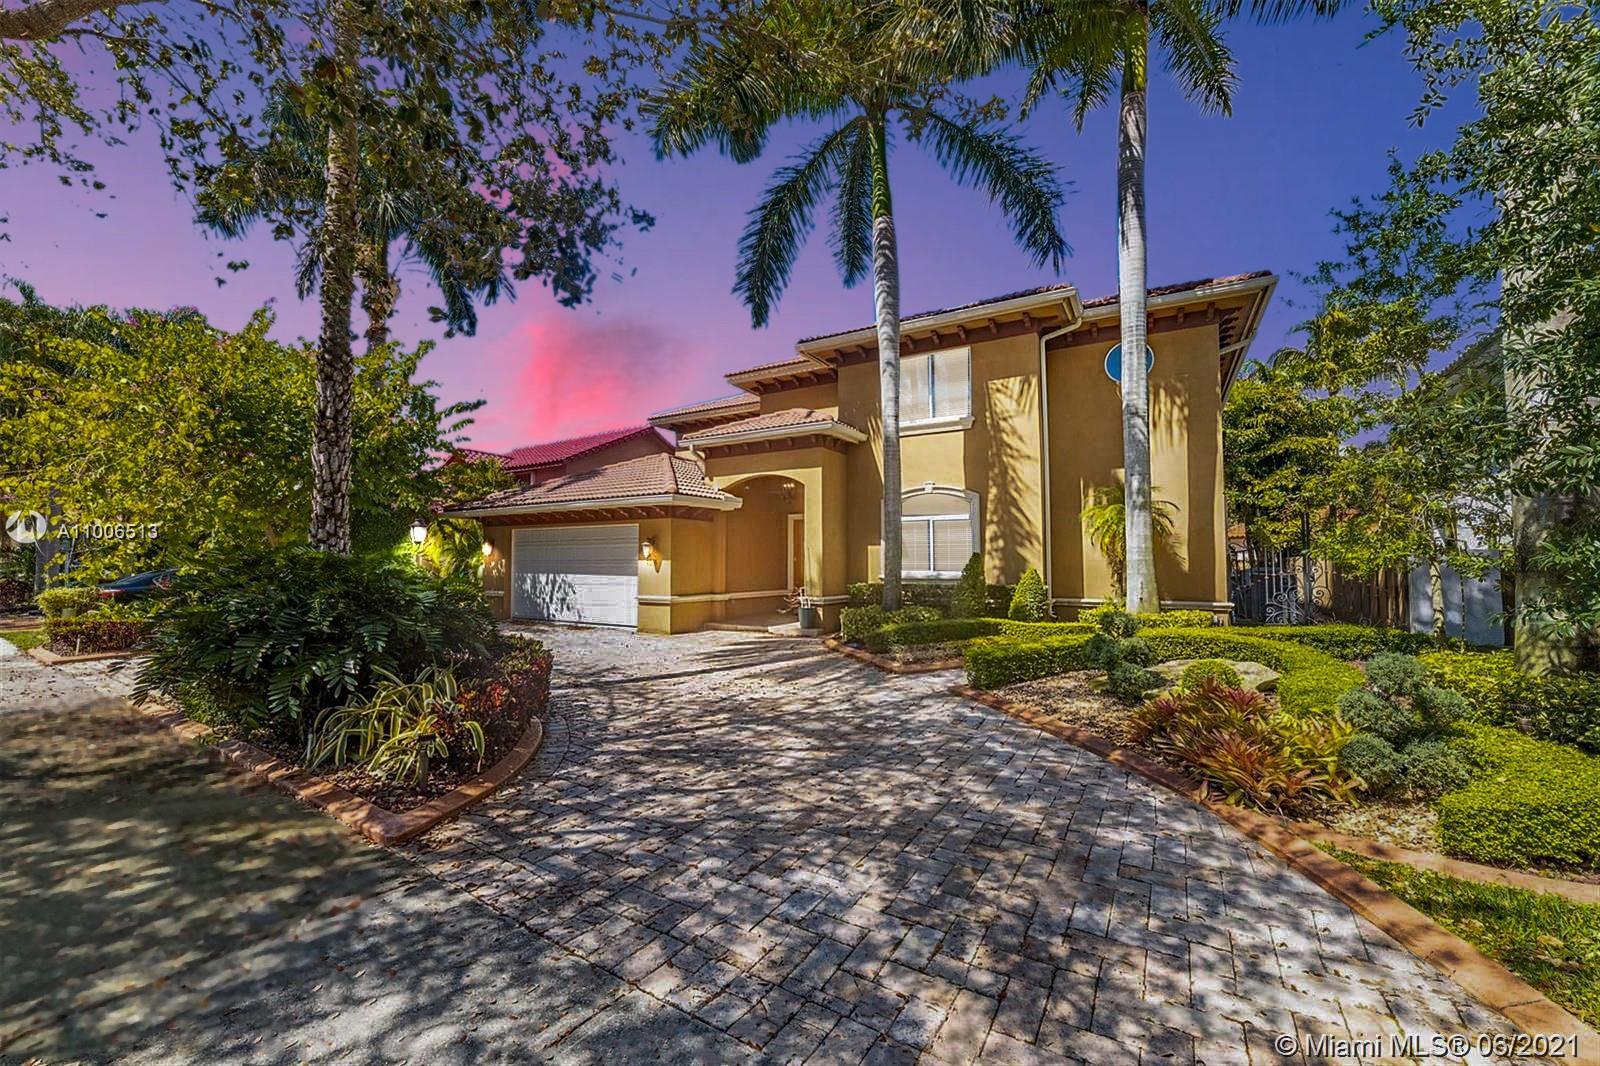 Miami Lakes - 8235 NW 163 St, Miami Lakes, FL 33016